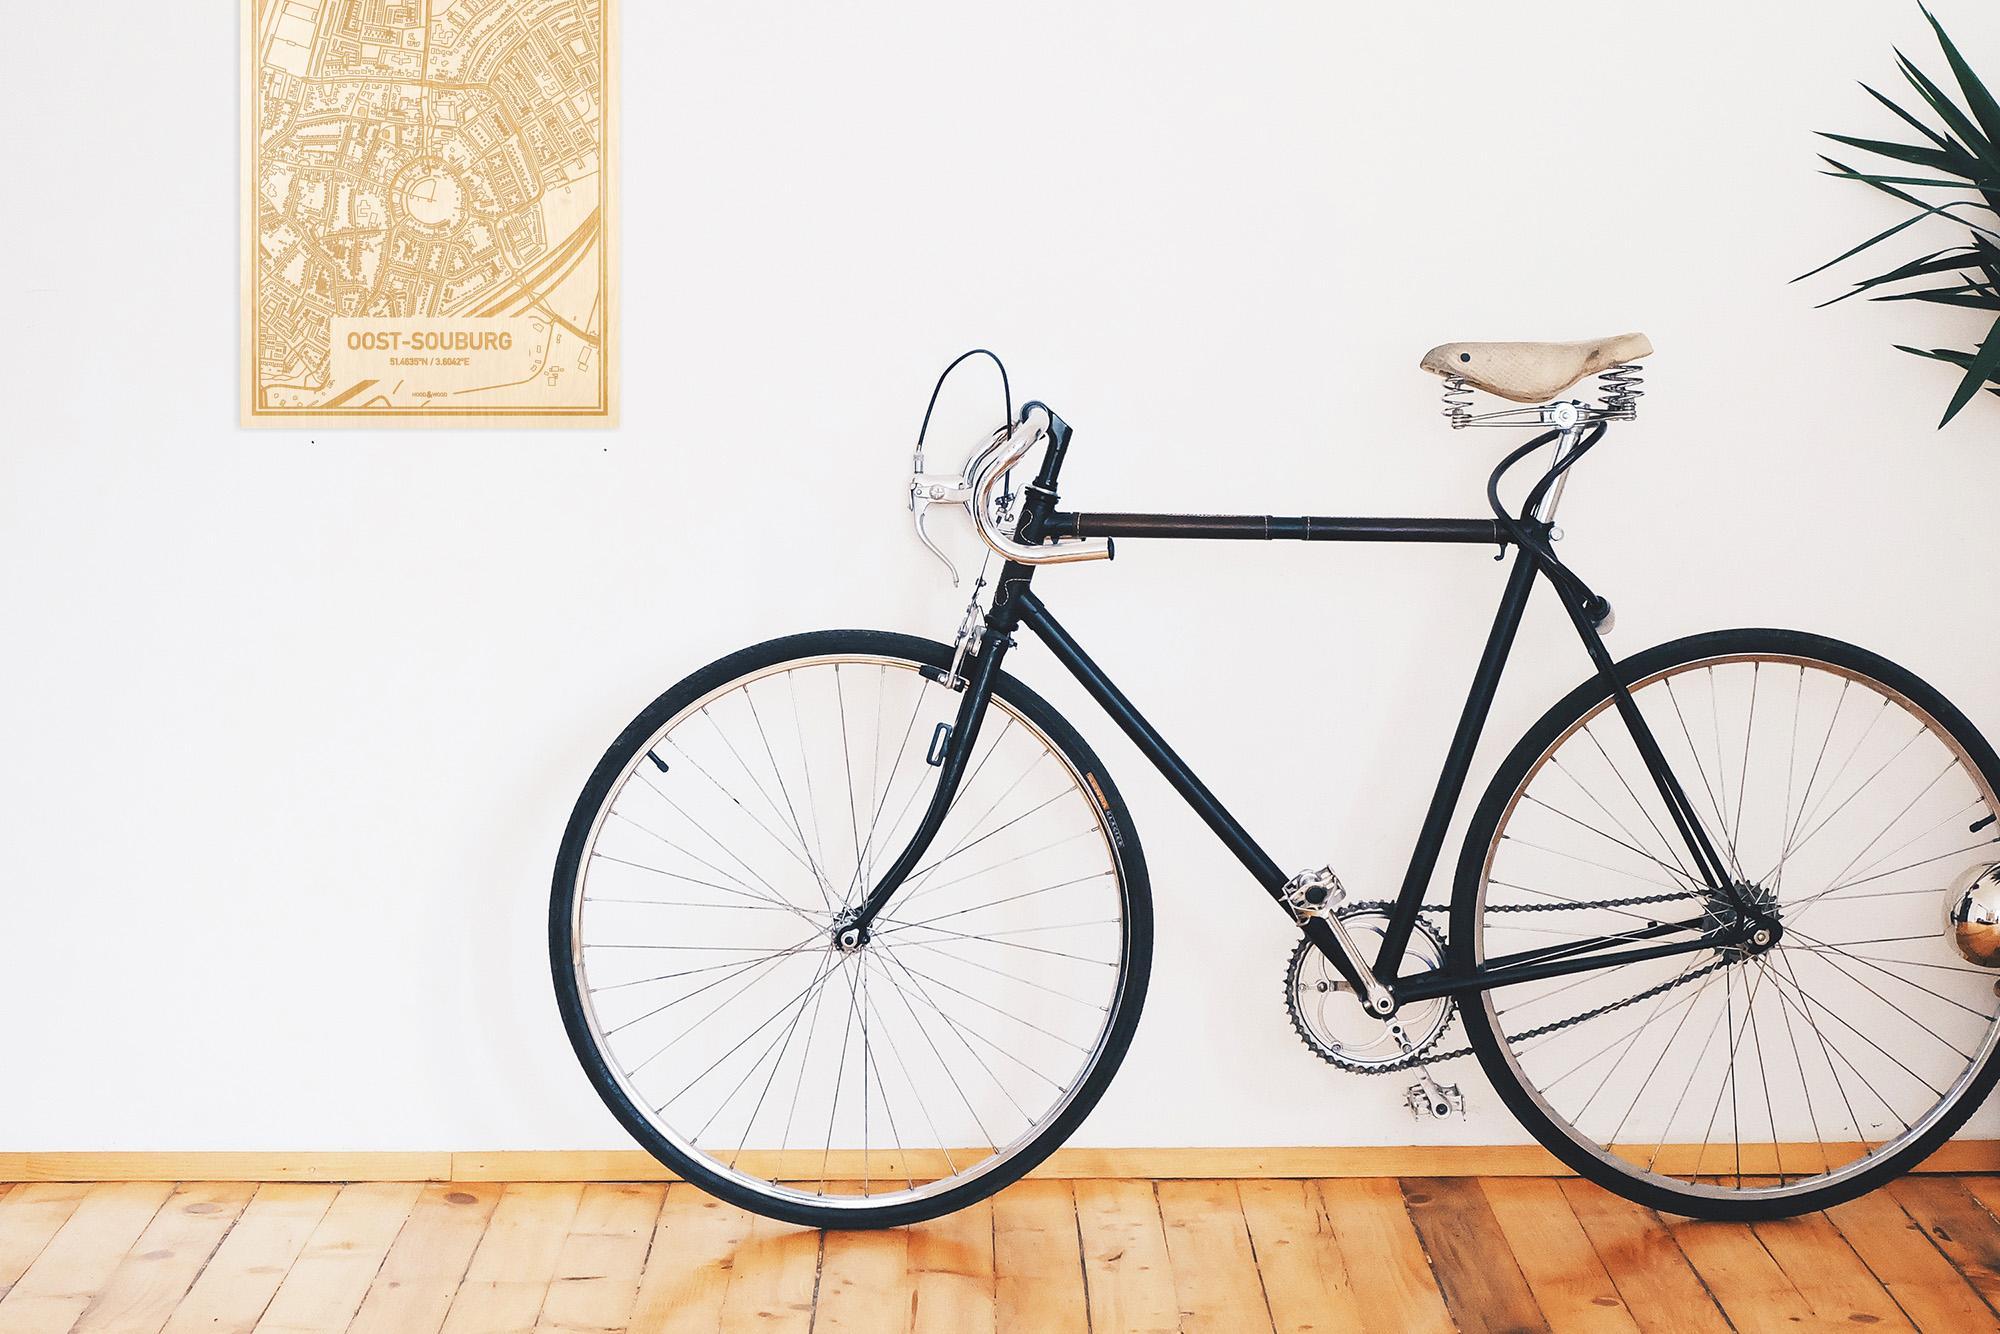 Een snelle fiets in een uniek interieur in Zeeland met mooie decoratie zoals de plattegrond Oost-Souburg.